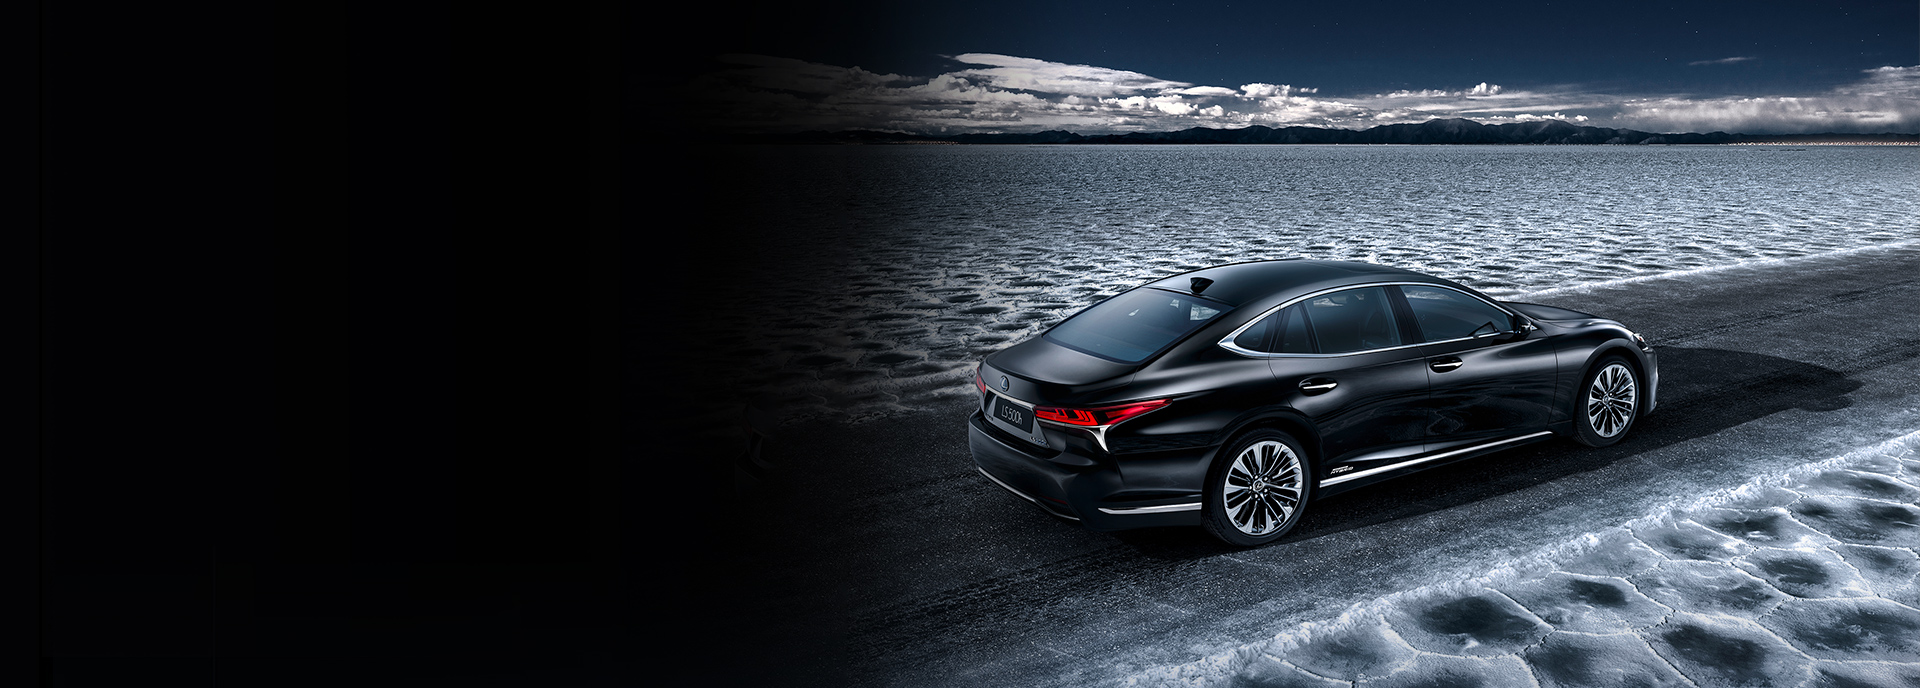 2018 Lexus LS 500h Geneva Hero